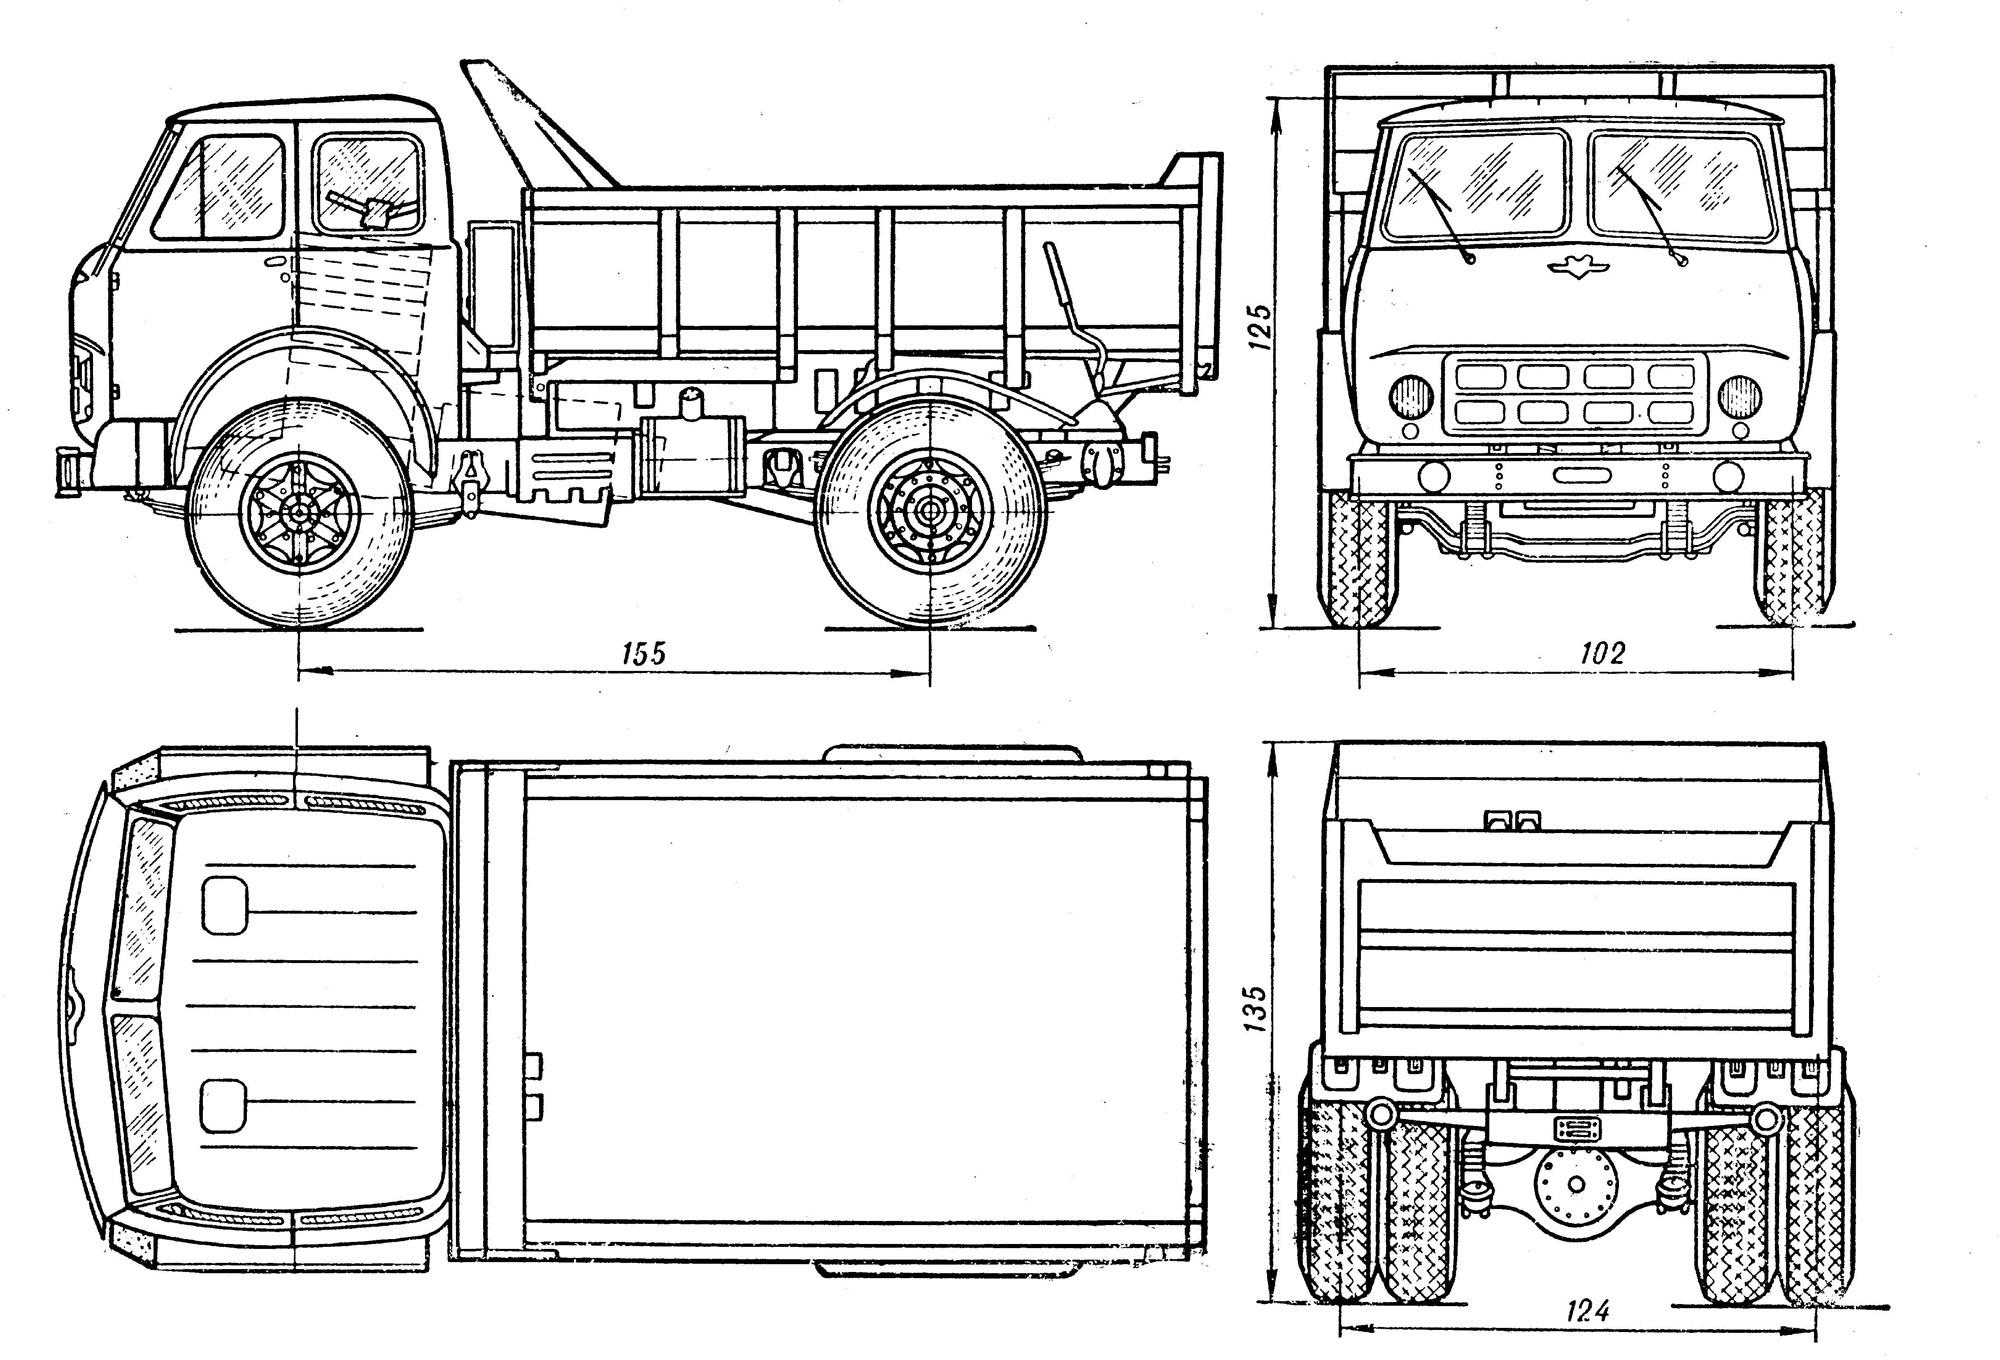 Maz 503 Blueprint